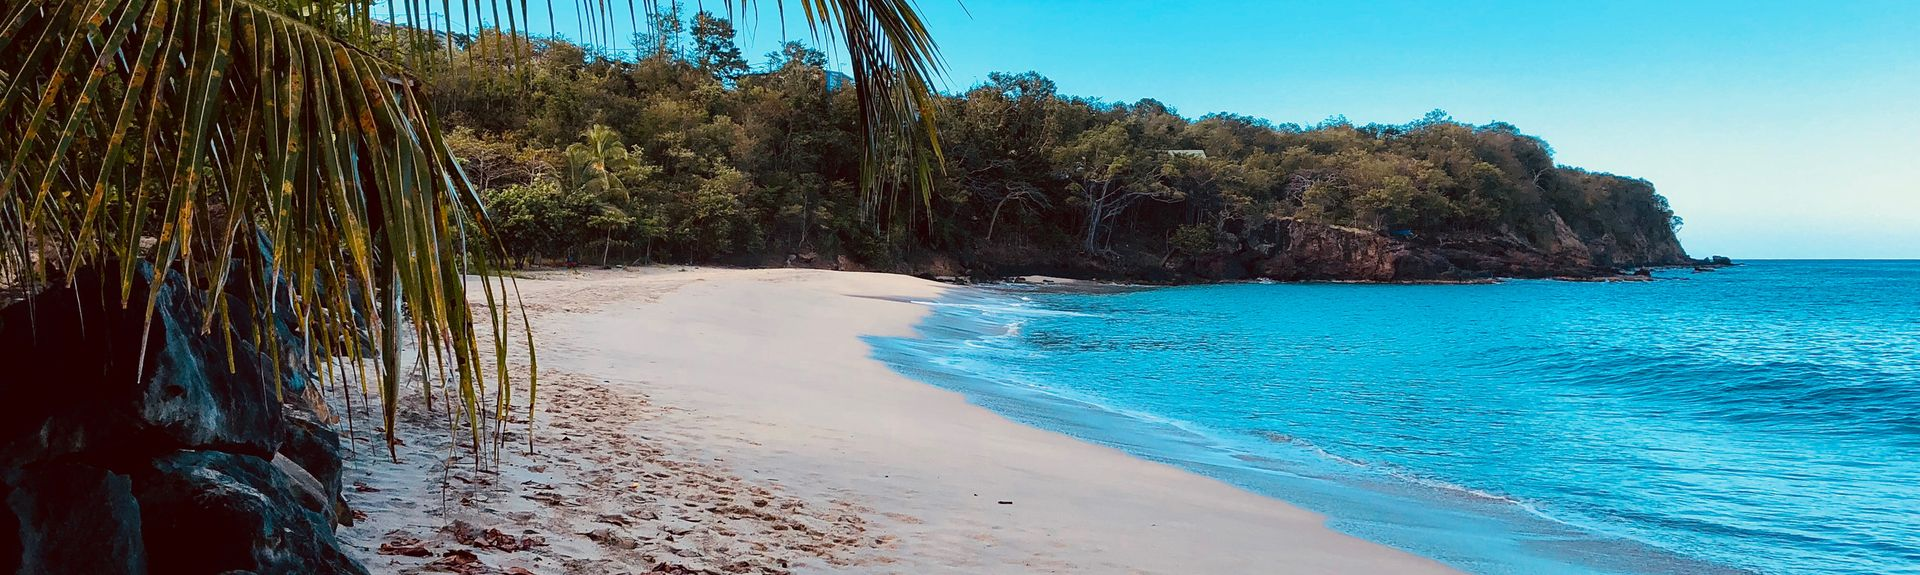 Canton de Lamentin, Basse-Terre, Guadeloupe